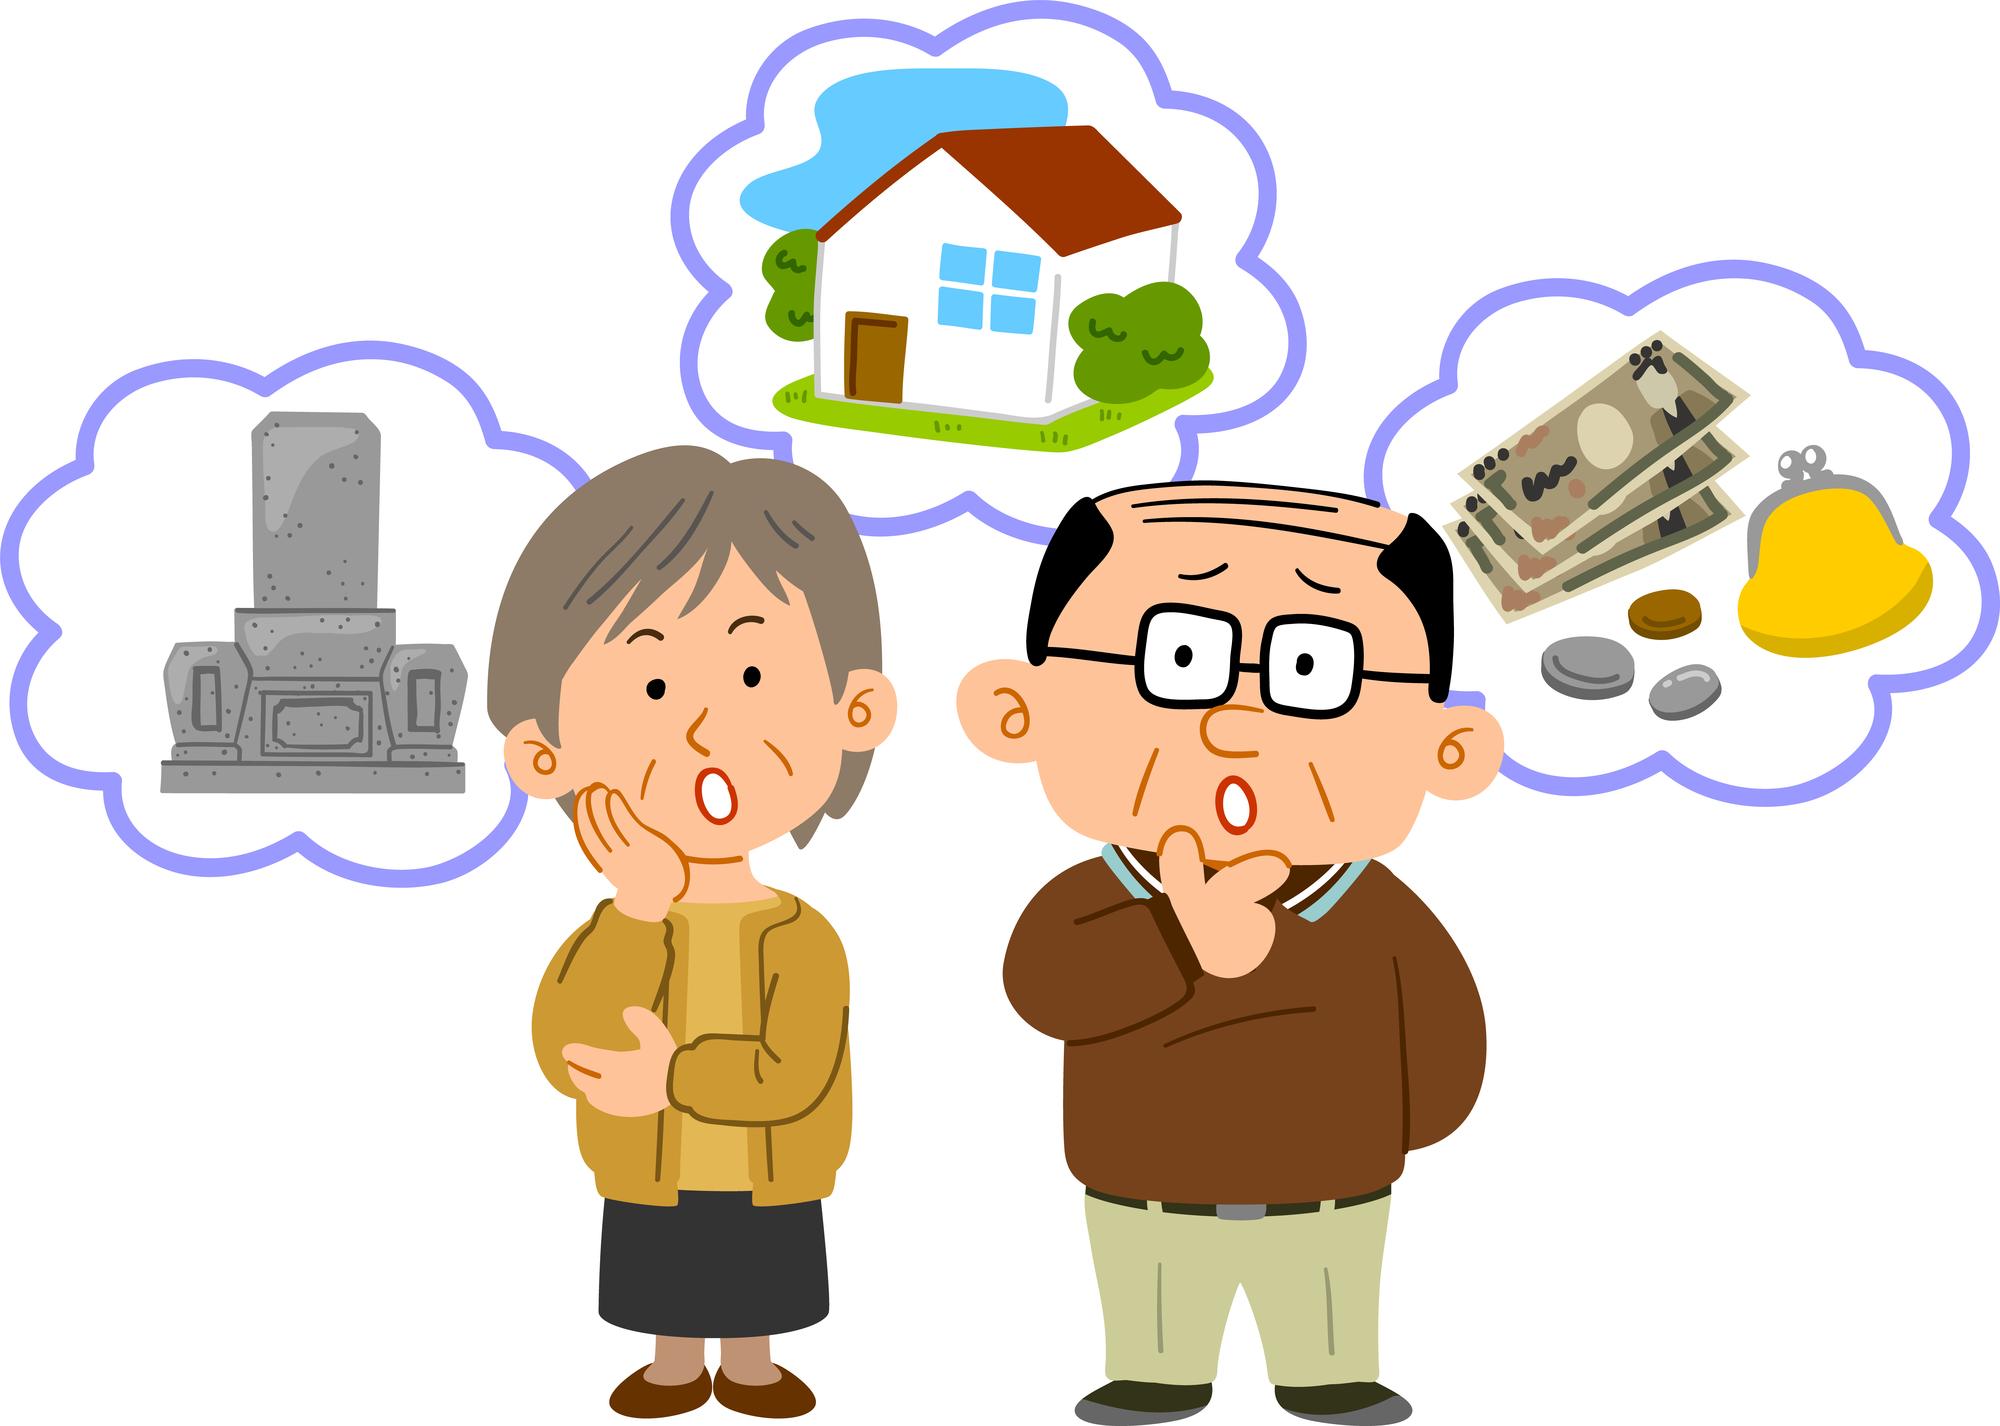 遺産分割はやり直しできる?期日や注意点を解説 - 相談オナヤミ相談 花沢事務所